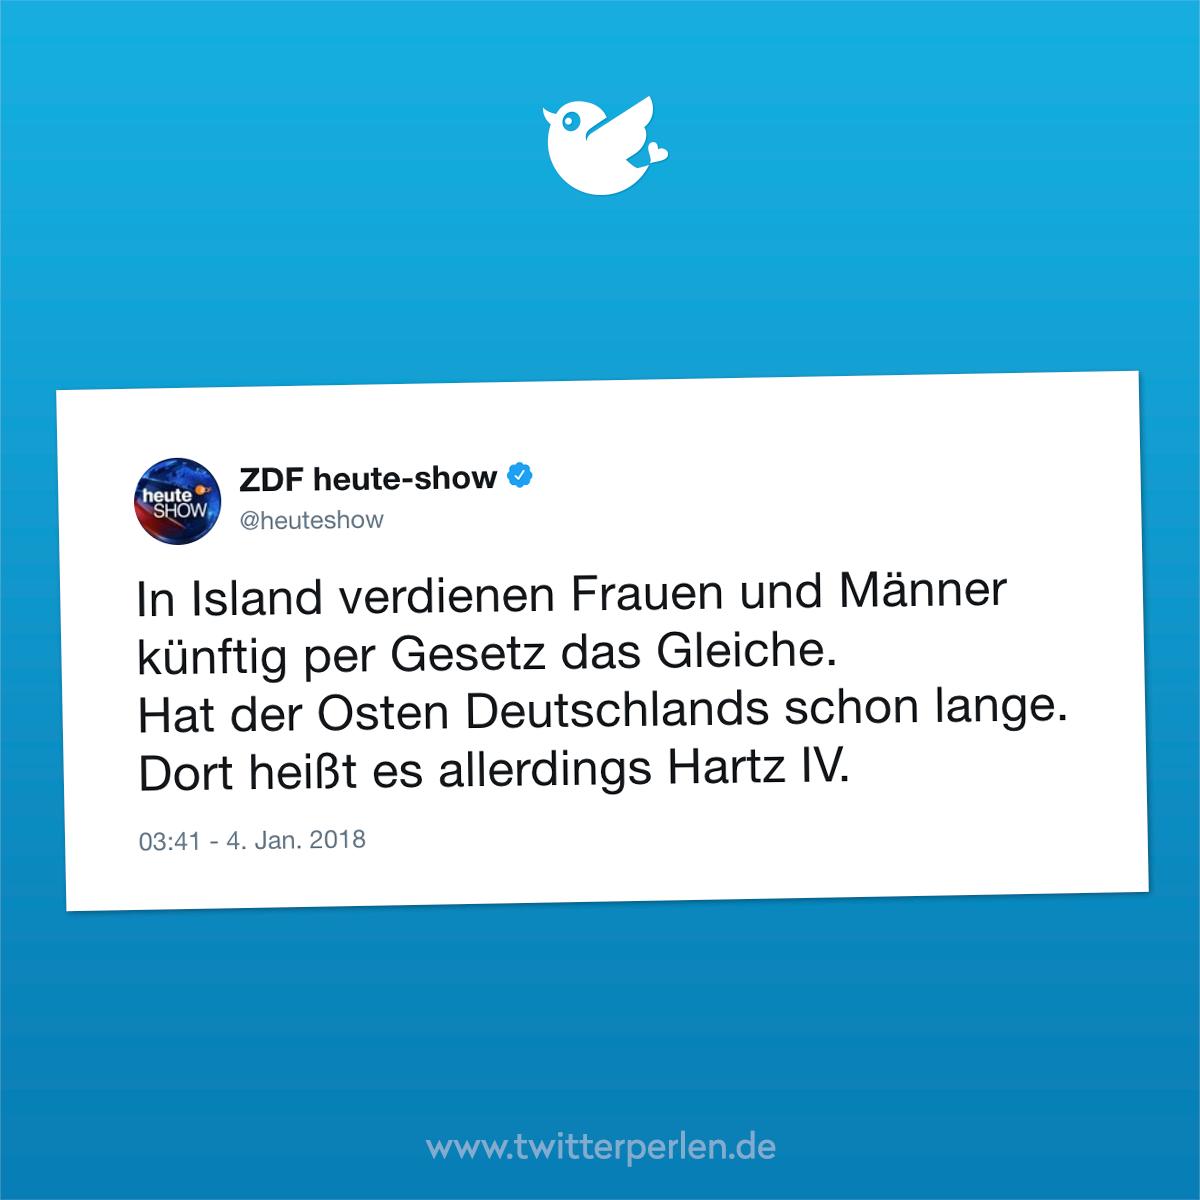 In Island verdienen Frauen und Männer künftig per Gesetz das Gleiche. Hat der Osten Deutschlands schon lange. Dort heißt es allerdings Hartz IV.